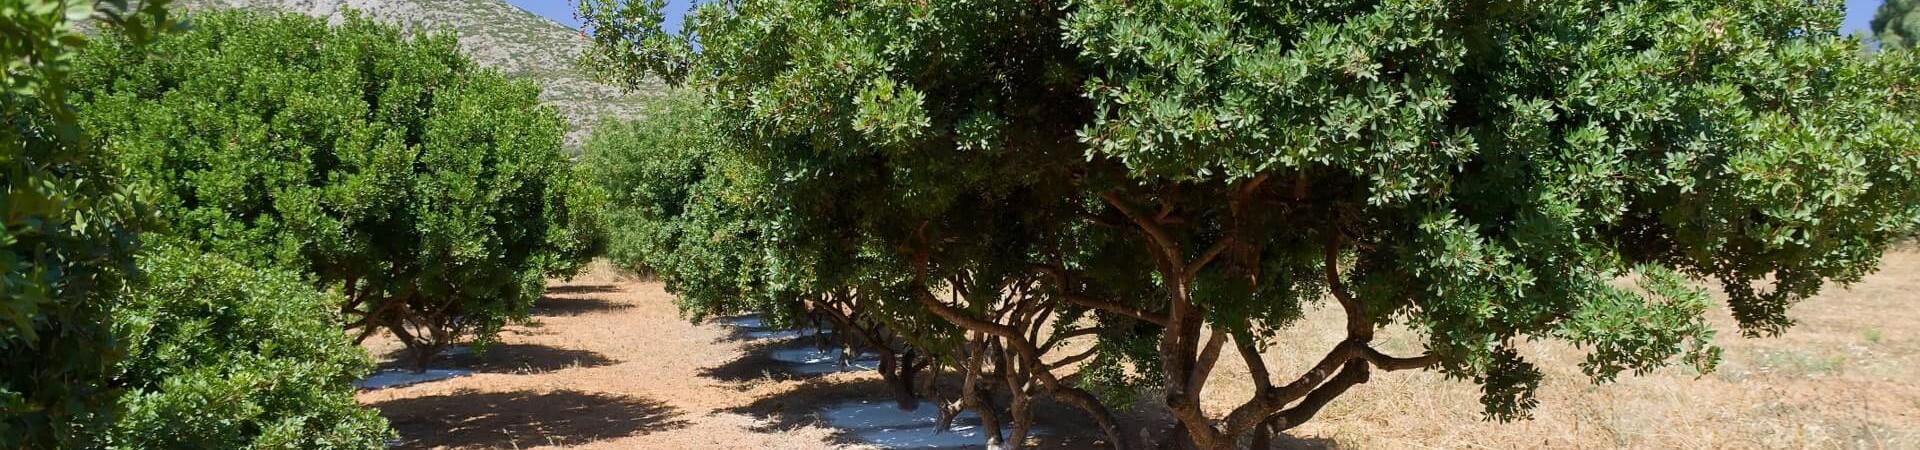 Drzewo mastyksowe